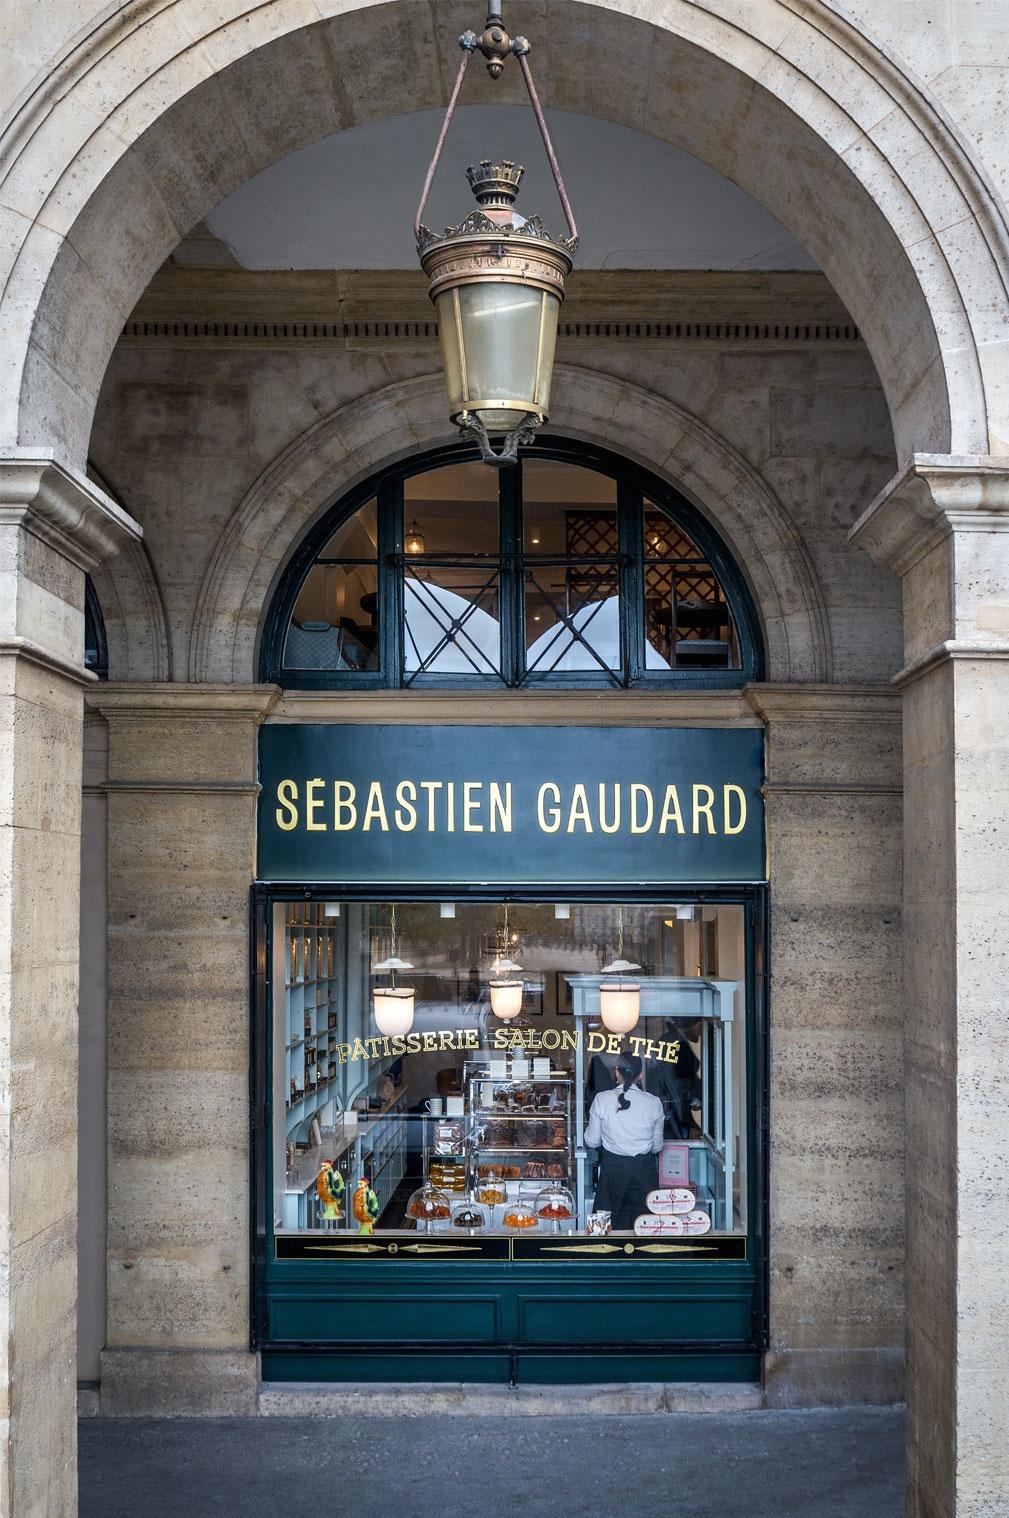 sebastien-gaudard-patisserie-des-tuileries-vitrine-d.jpg